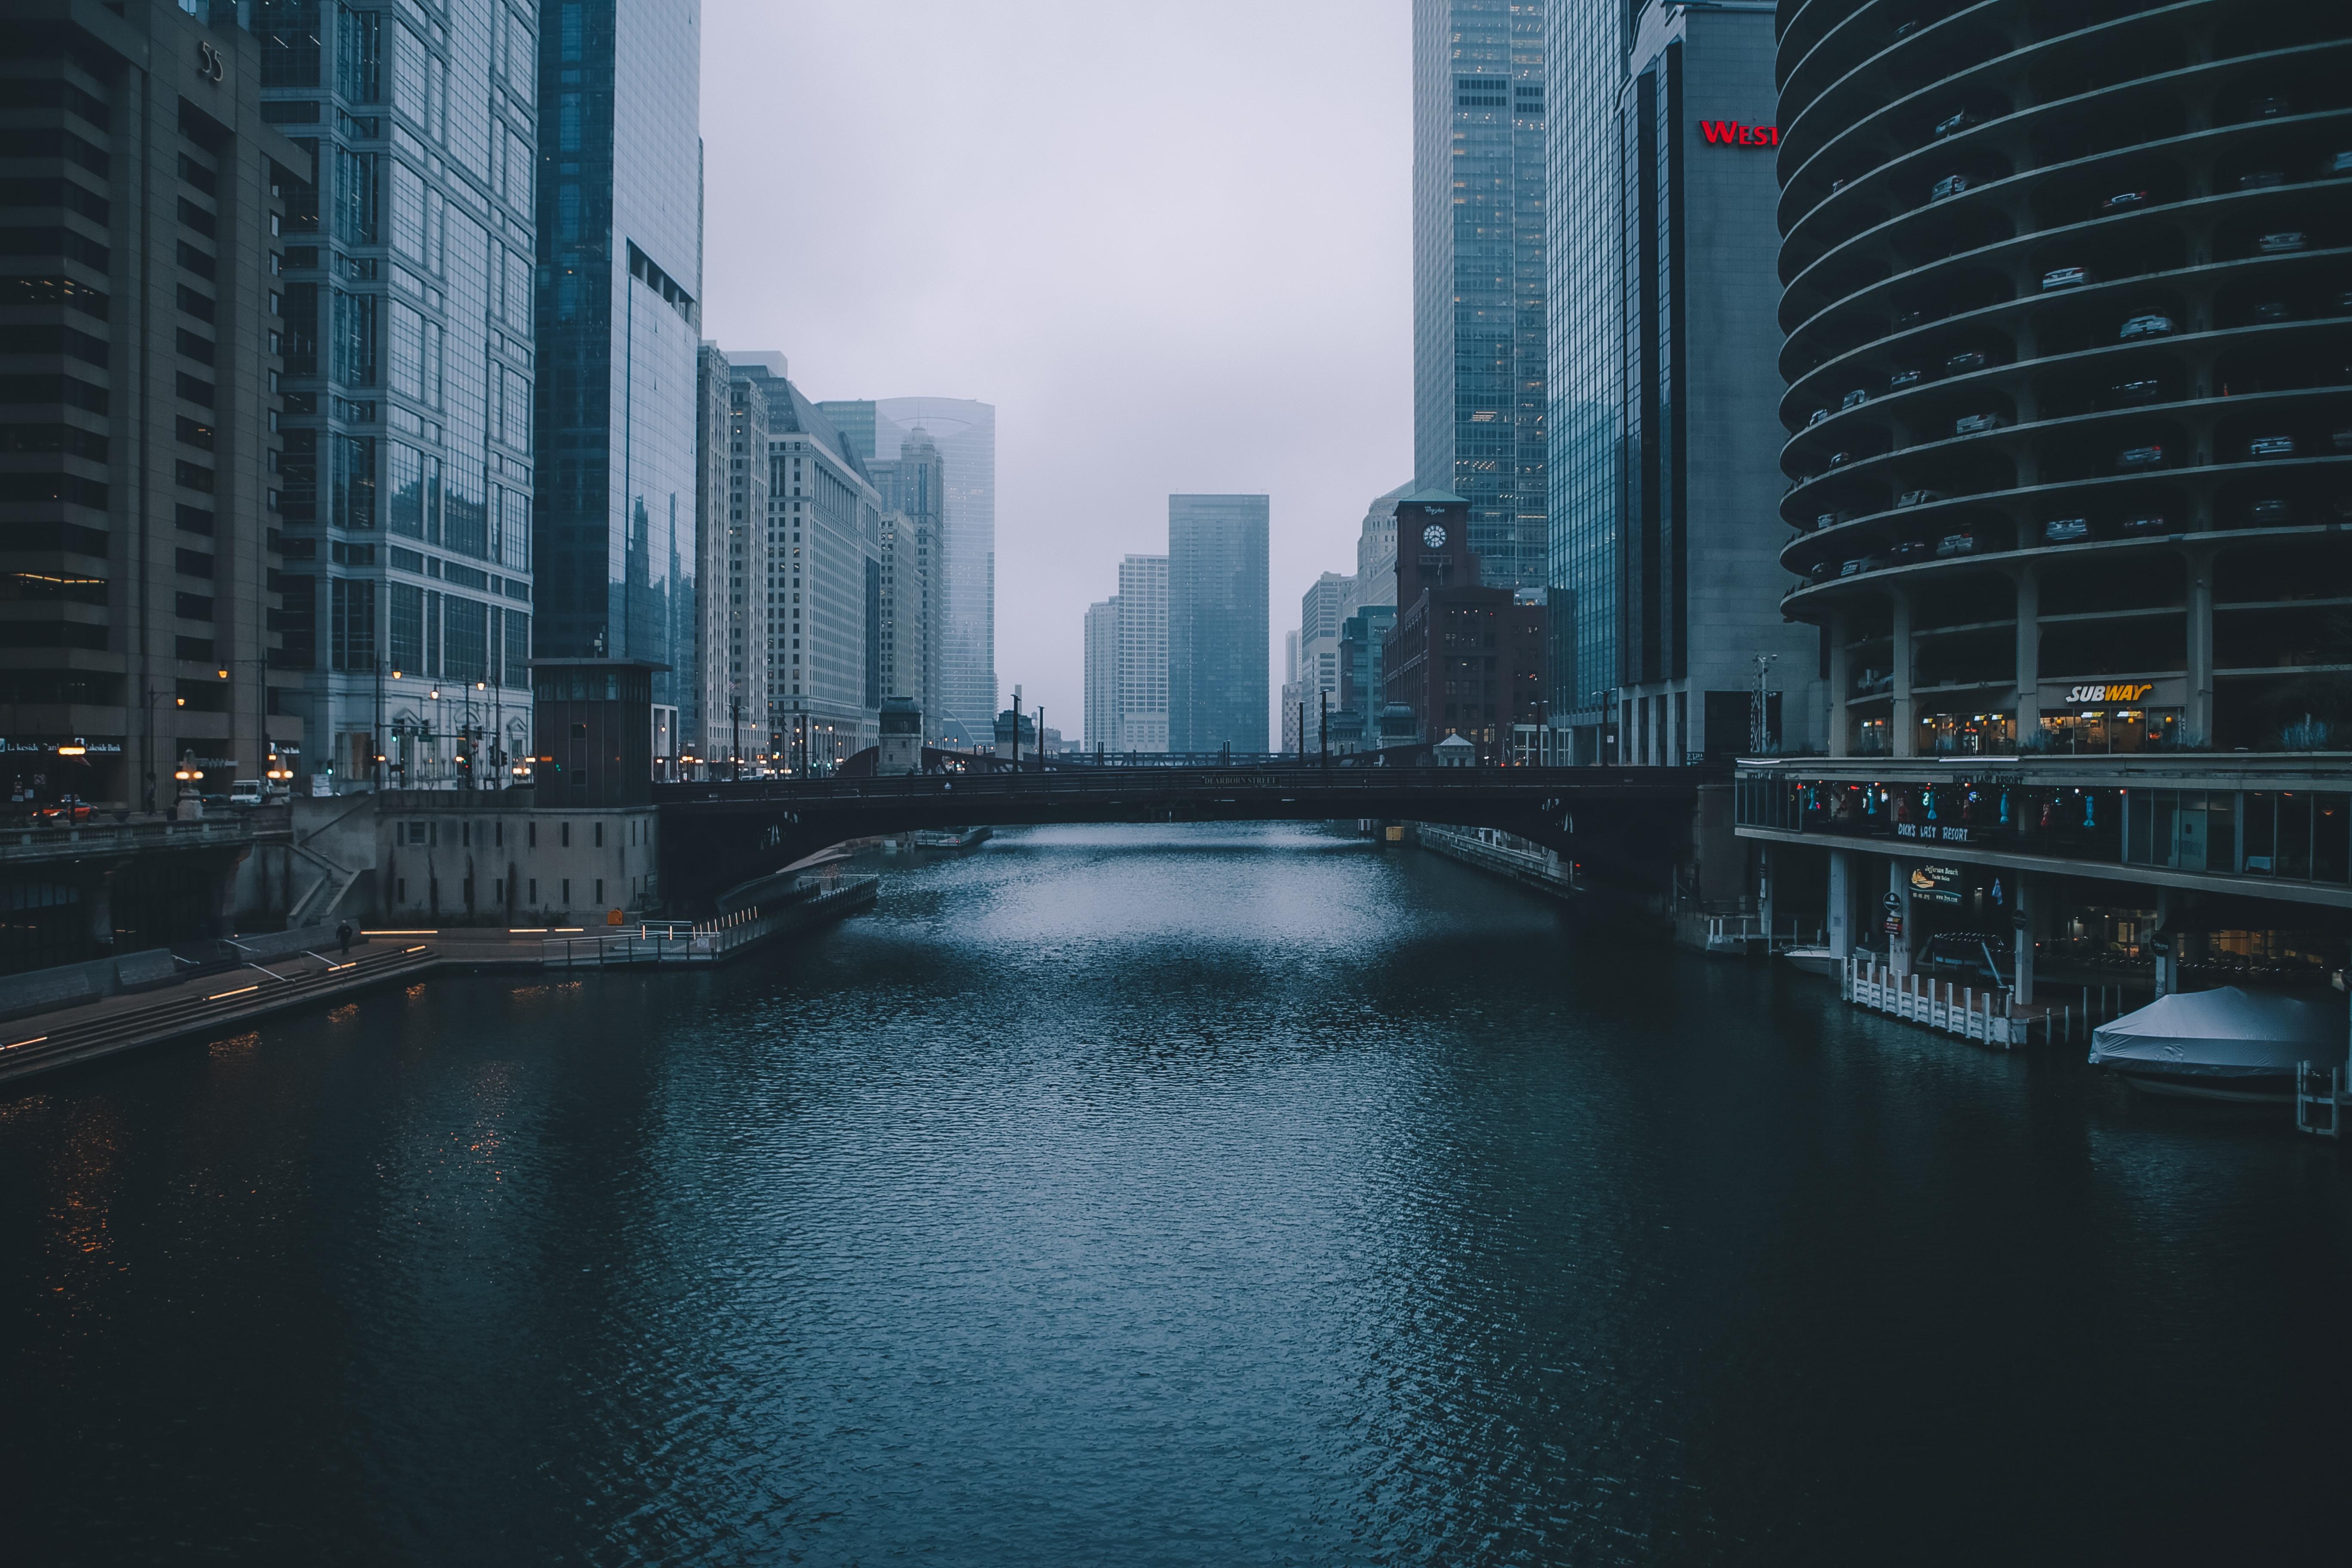 הריאות הכחולות של העיר